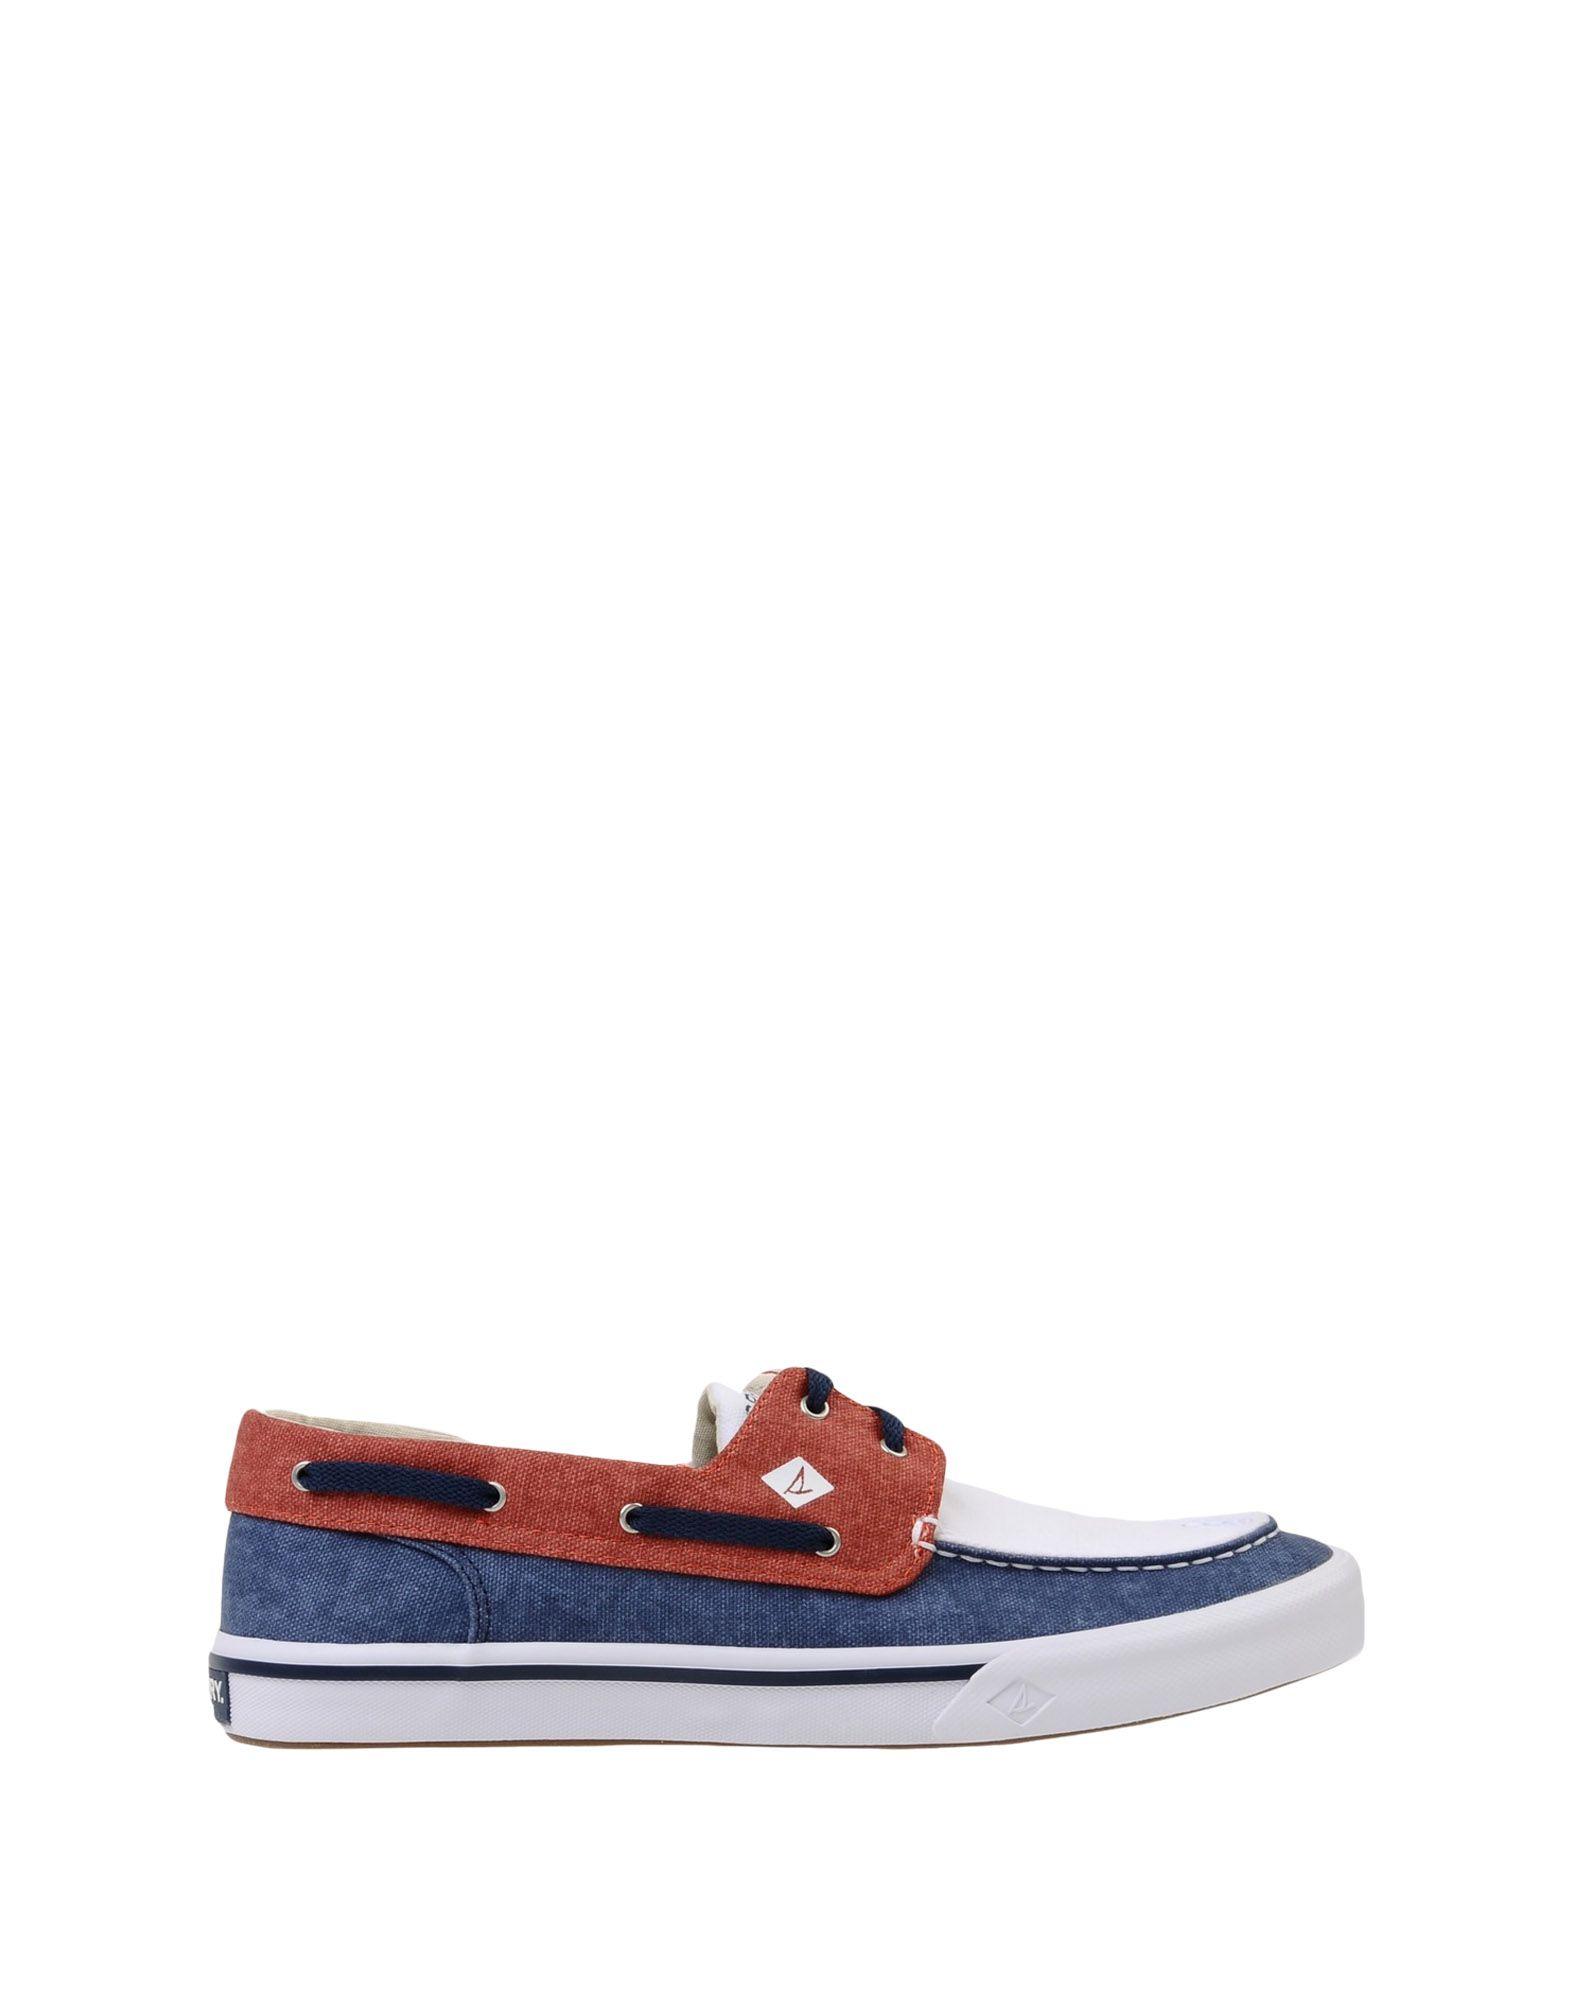 Haltbare Schuhe Mode billige Schuhe Sperry Top 11472295LM Neue Schuhe Haltbare 89f01b